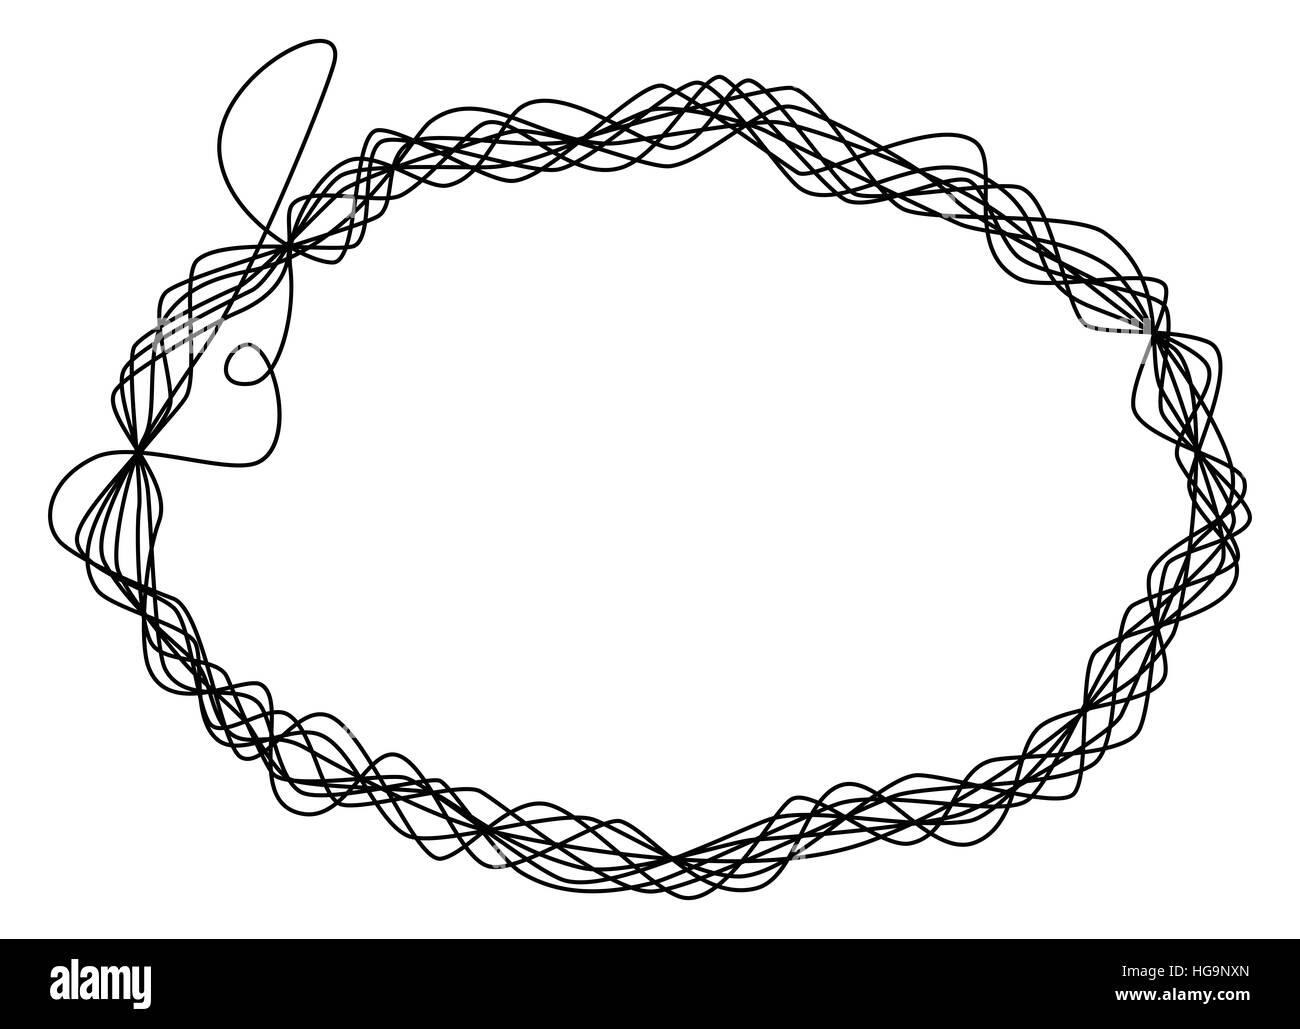 Seul fil trame. Une seule ligne est 8 fois enroulé autour et façonner une ellipse comme un fil de la sculpture. Photo Stock